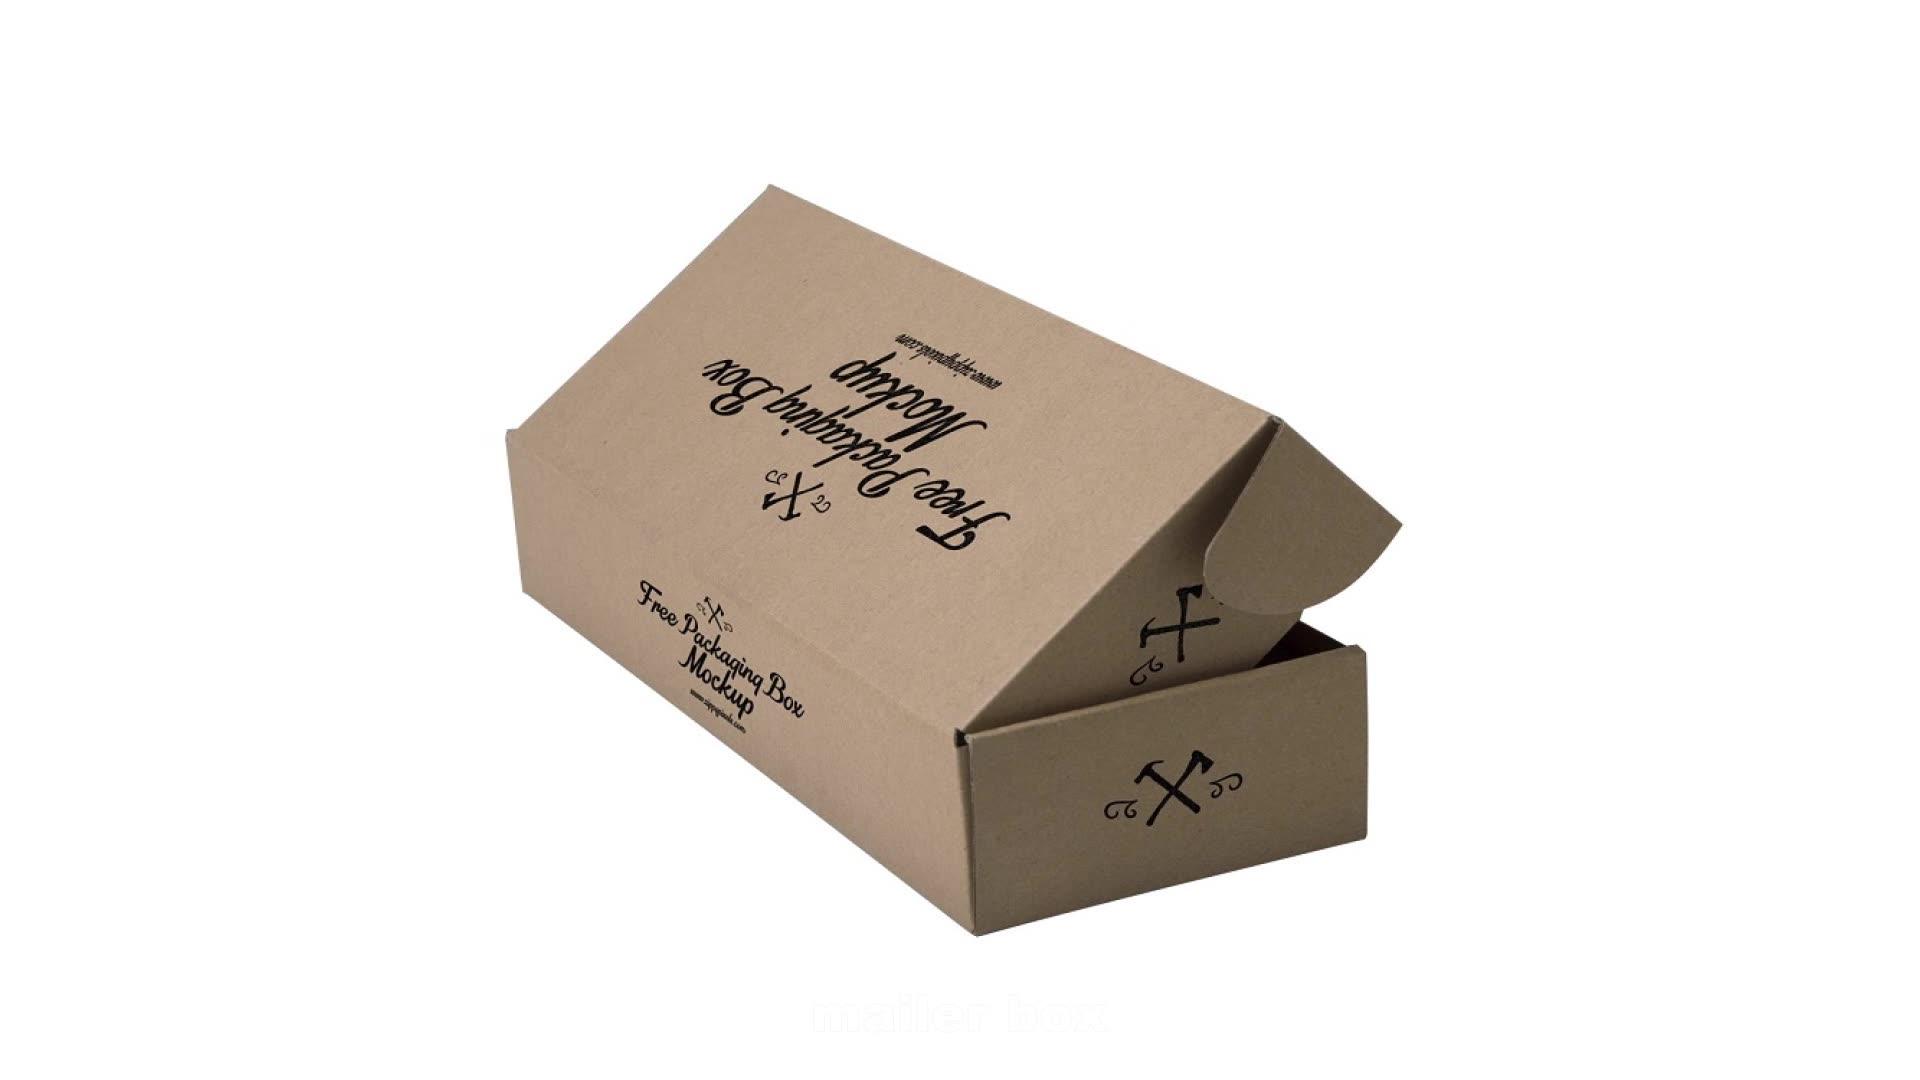 3 Lapisan Surat Paket Karton Putih Kotak Hadiah